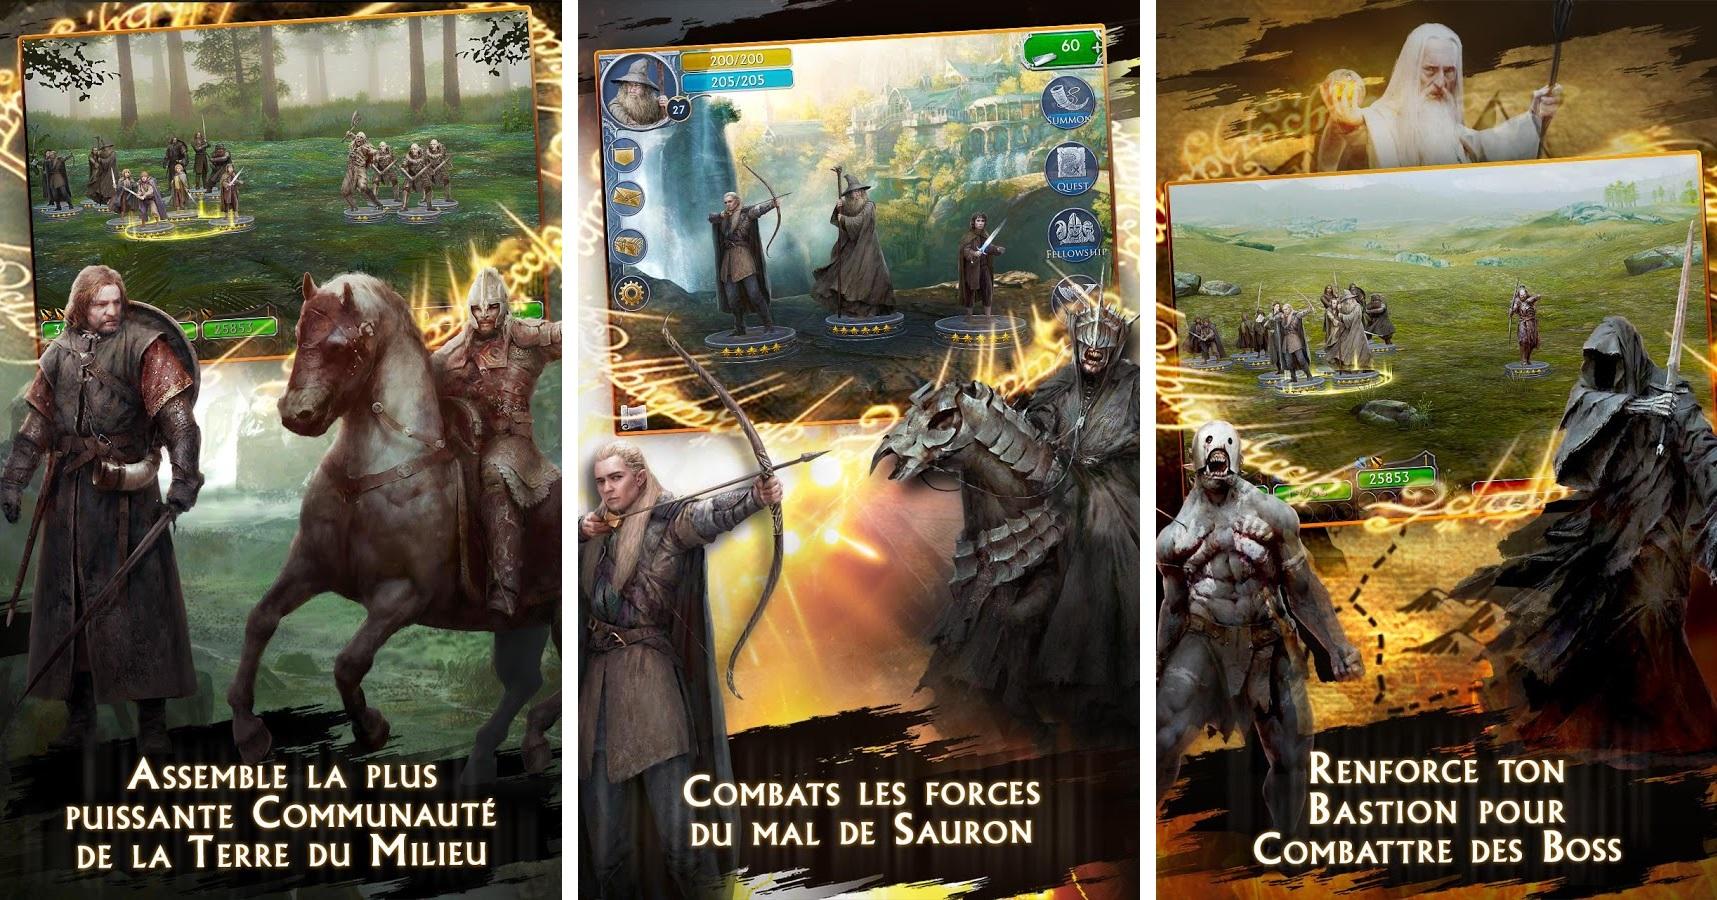 Un nouveau jeu Le Seigneur des Anneaux est disponible sur Android